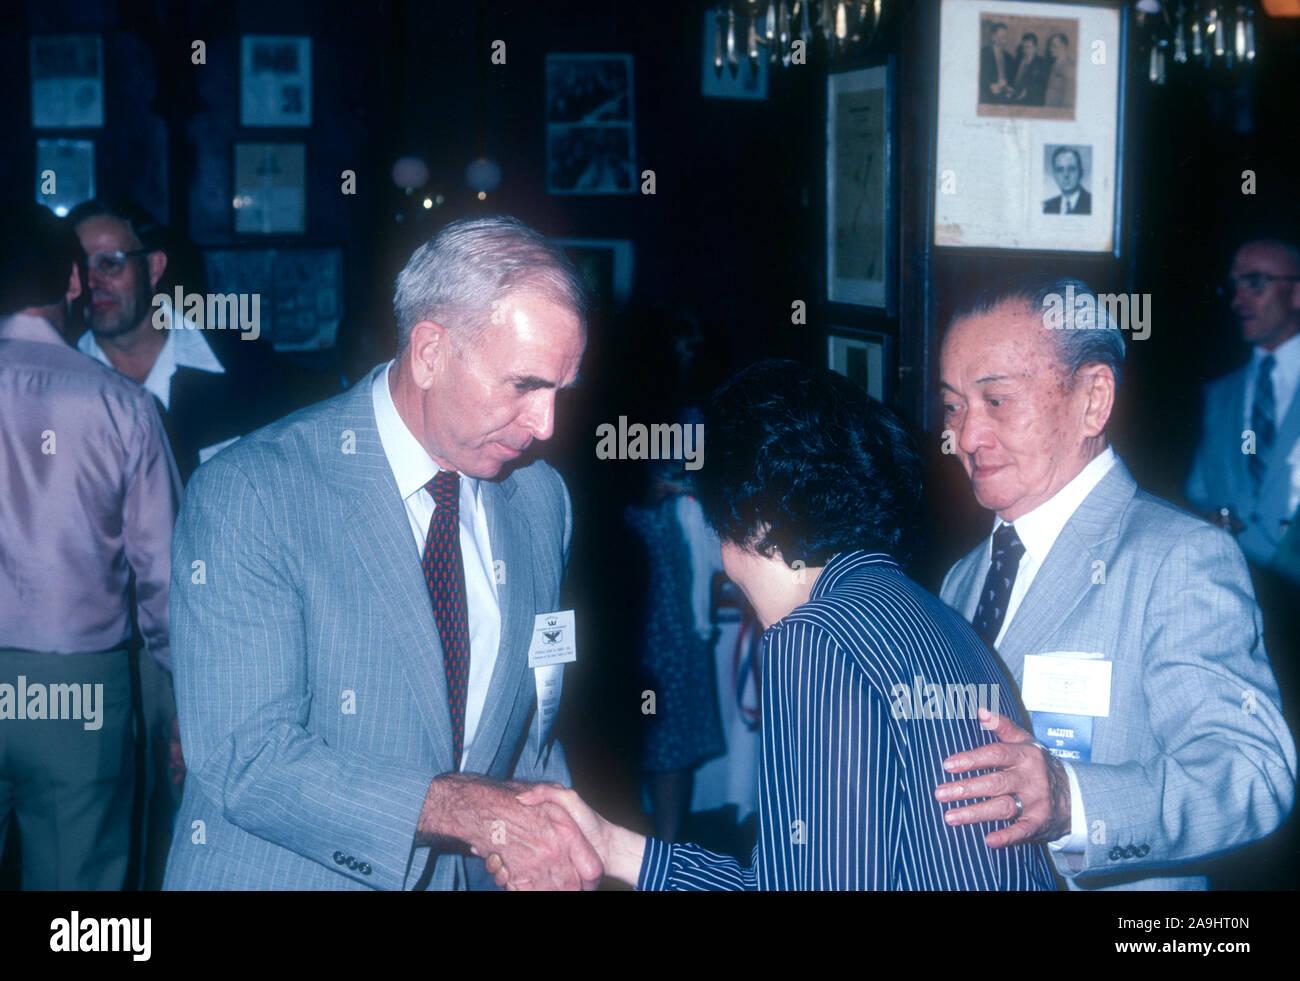 NEW ORLEANS, LA - 24 de junio: el General John W. Vessey, Jr. conversaciones con Liem Ying Chow durante 1982 la Academia de Logros Premios placa de oro el 24 de junio de 1982 en Nueva Orleans, Luisiana. (Foto por Hy Peskin) *** Local Caption *** John W. Vessey, Jr.;Liem Ying Chow Foto de stock